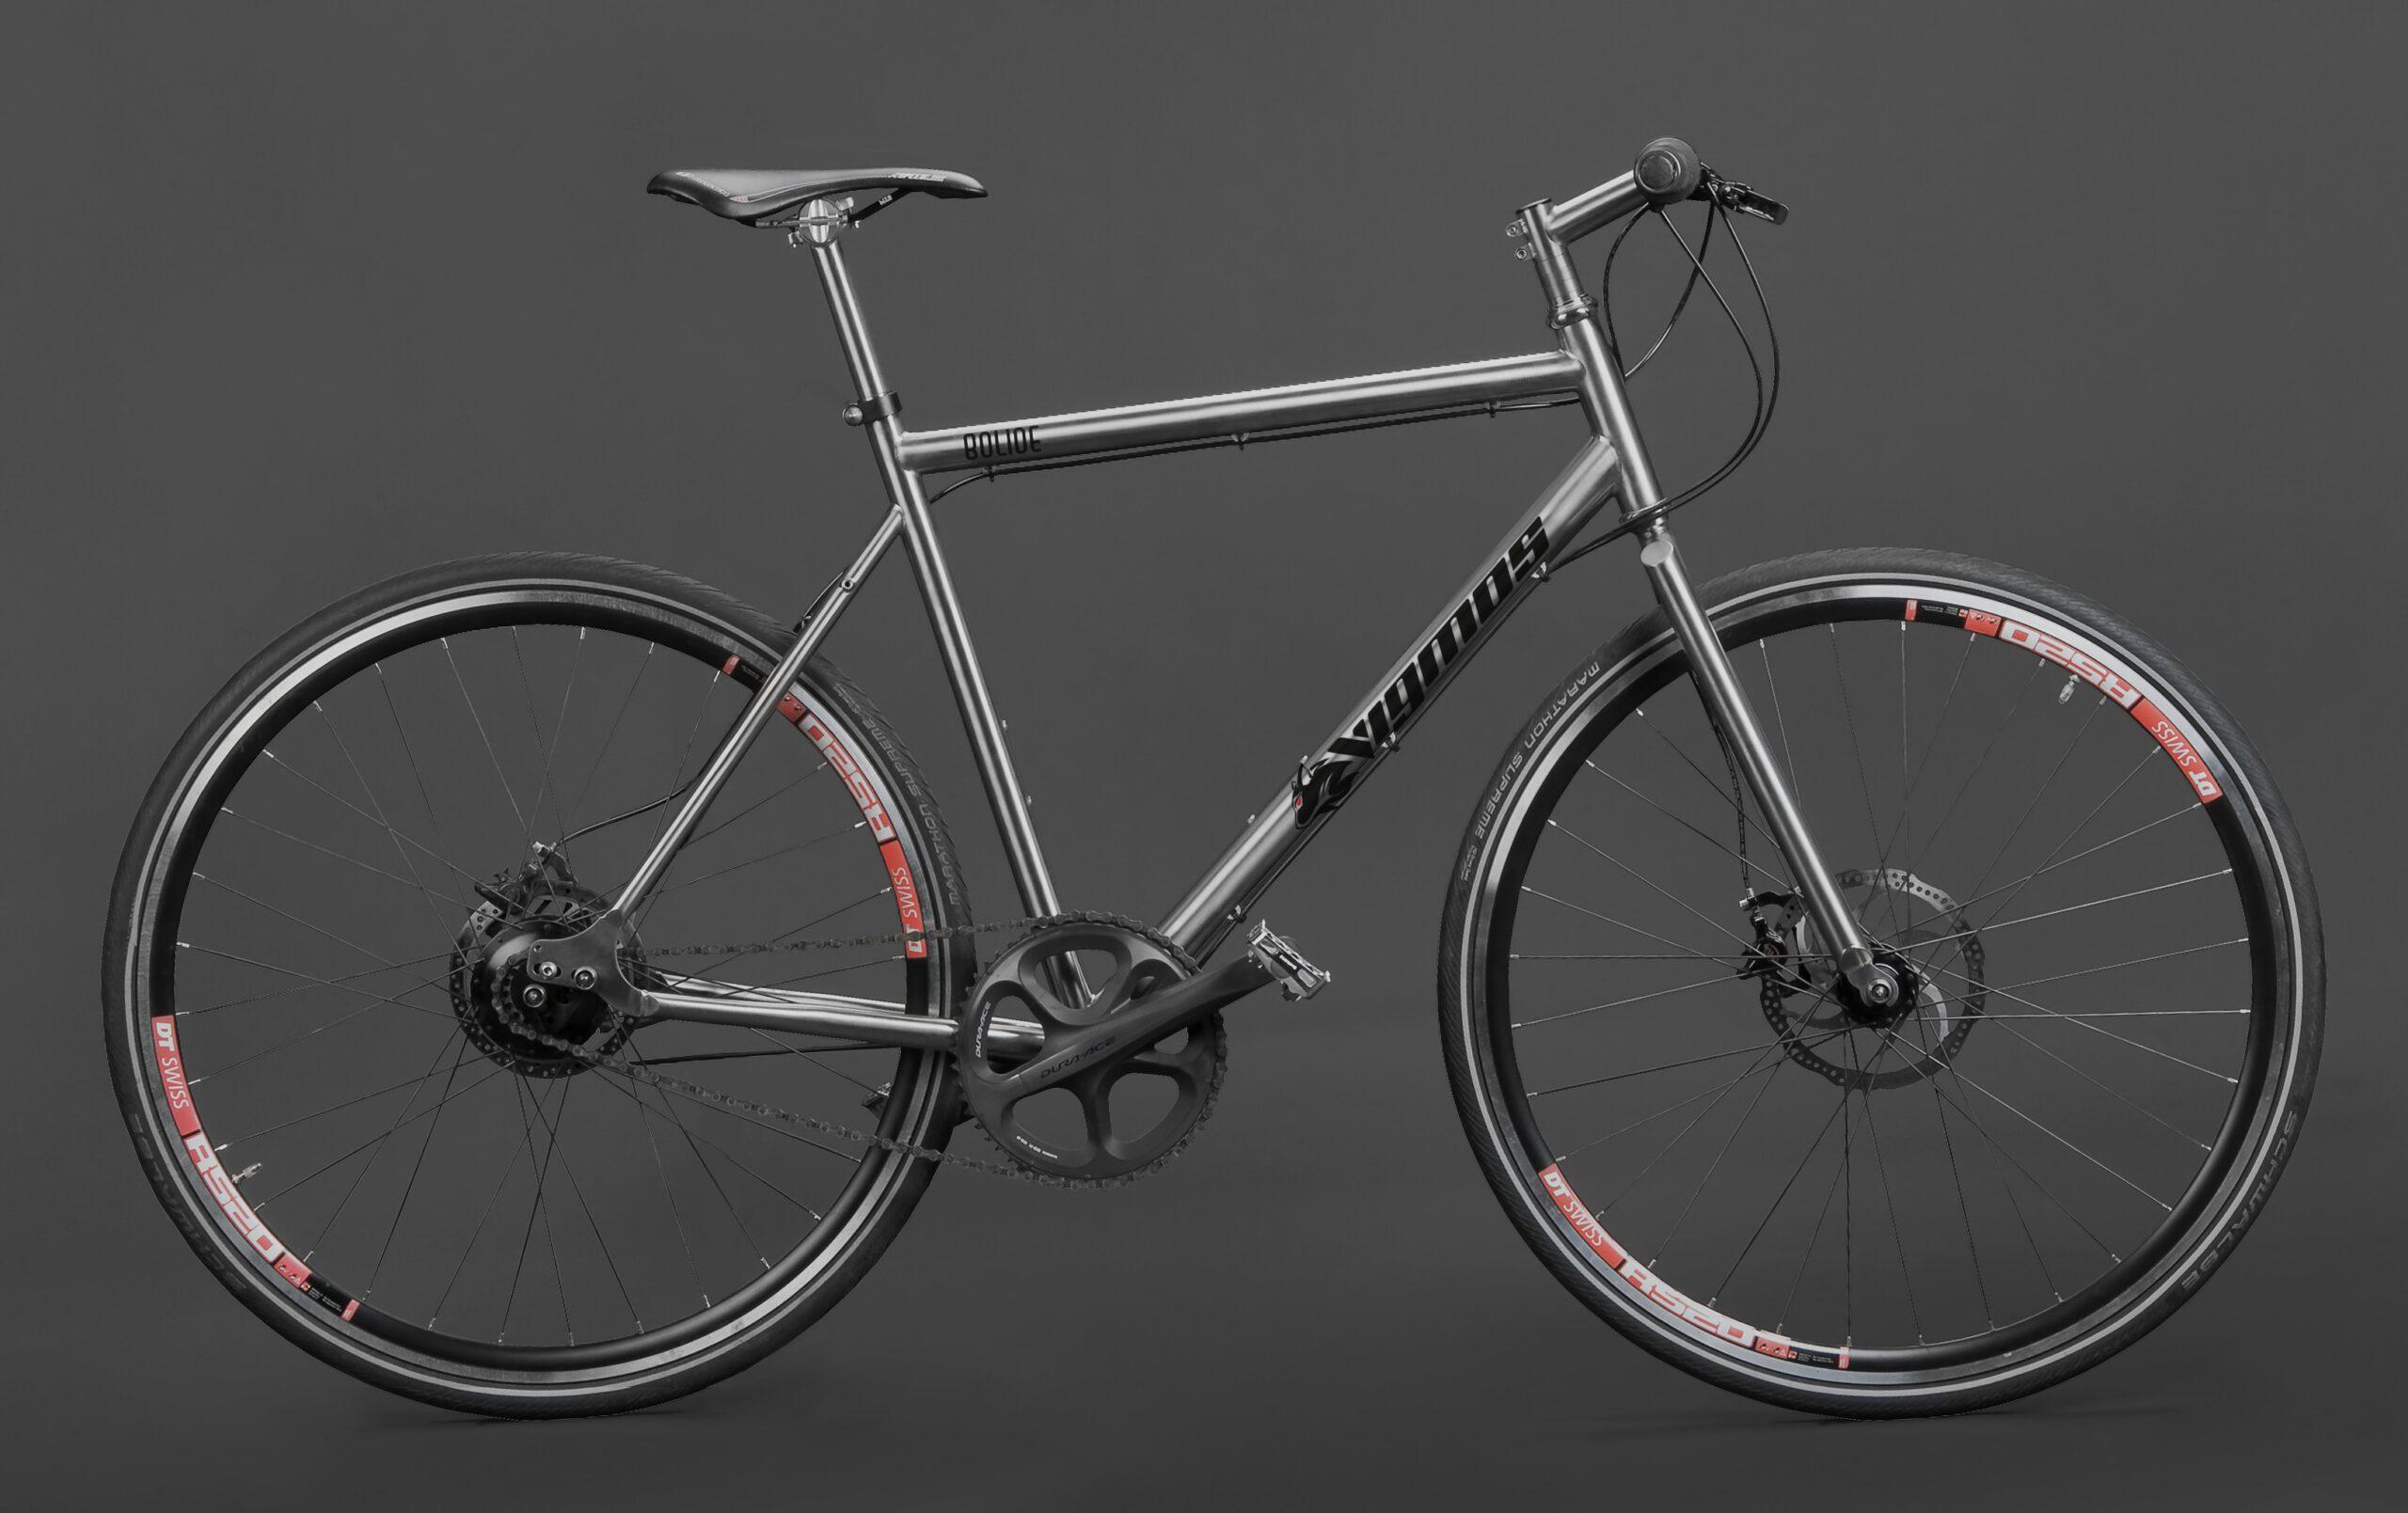 Preise für ein Fahrrad aus Titan und den Preis für einen Fahrradrahmen aus Titan bei Vigmos.de